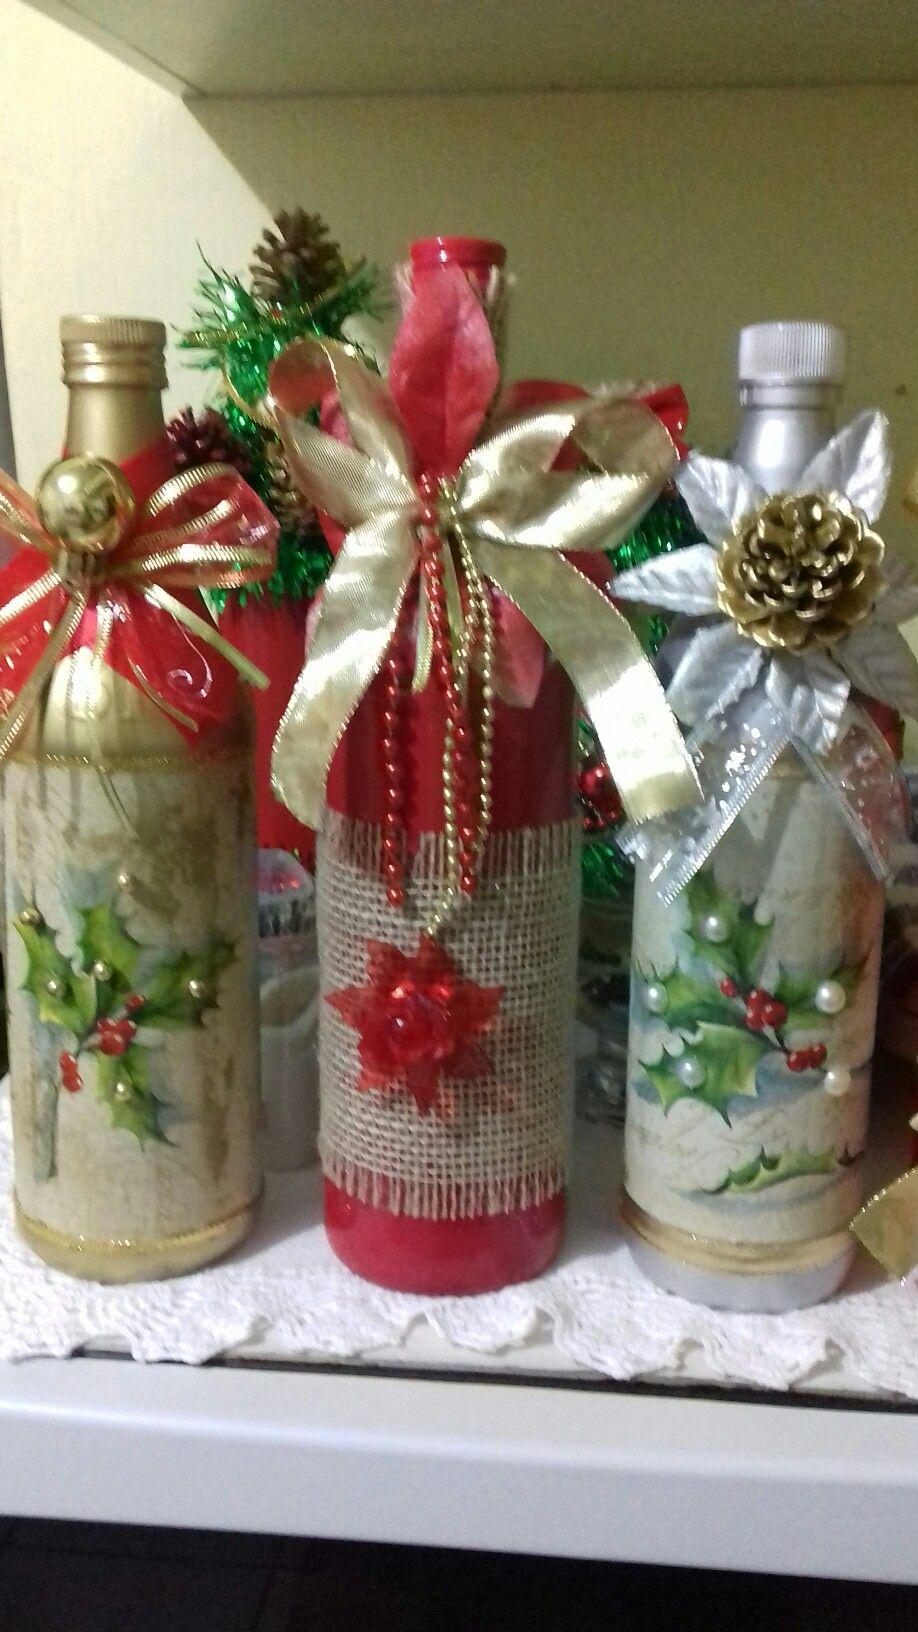 Pin de 1 321 746 9352 en project pinterest navidad botellas y botellas decoradas - Botellas decoradas navidenas ...